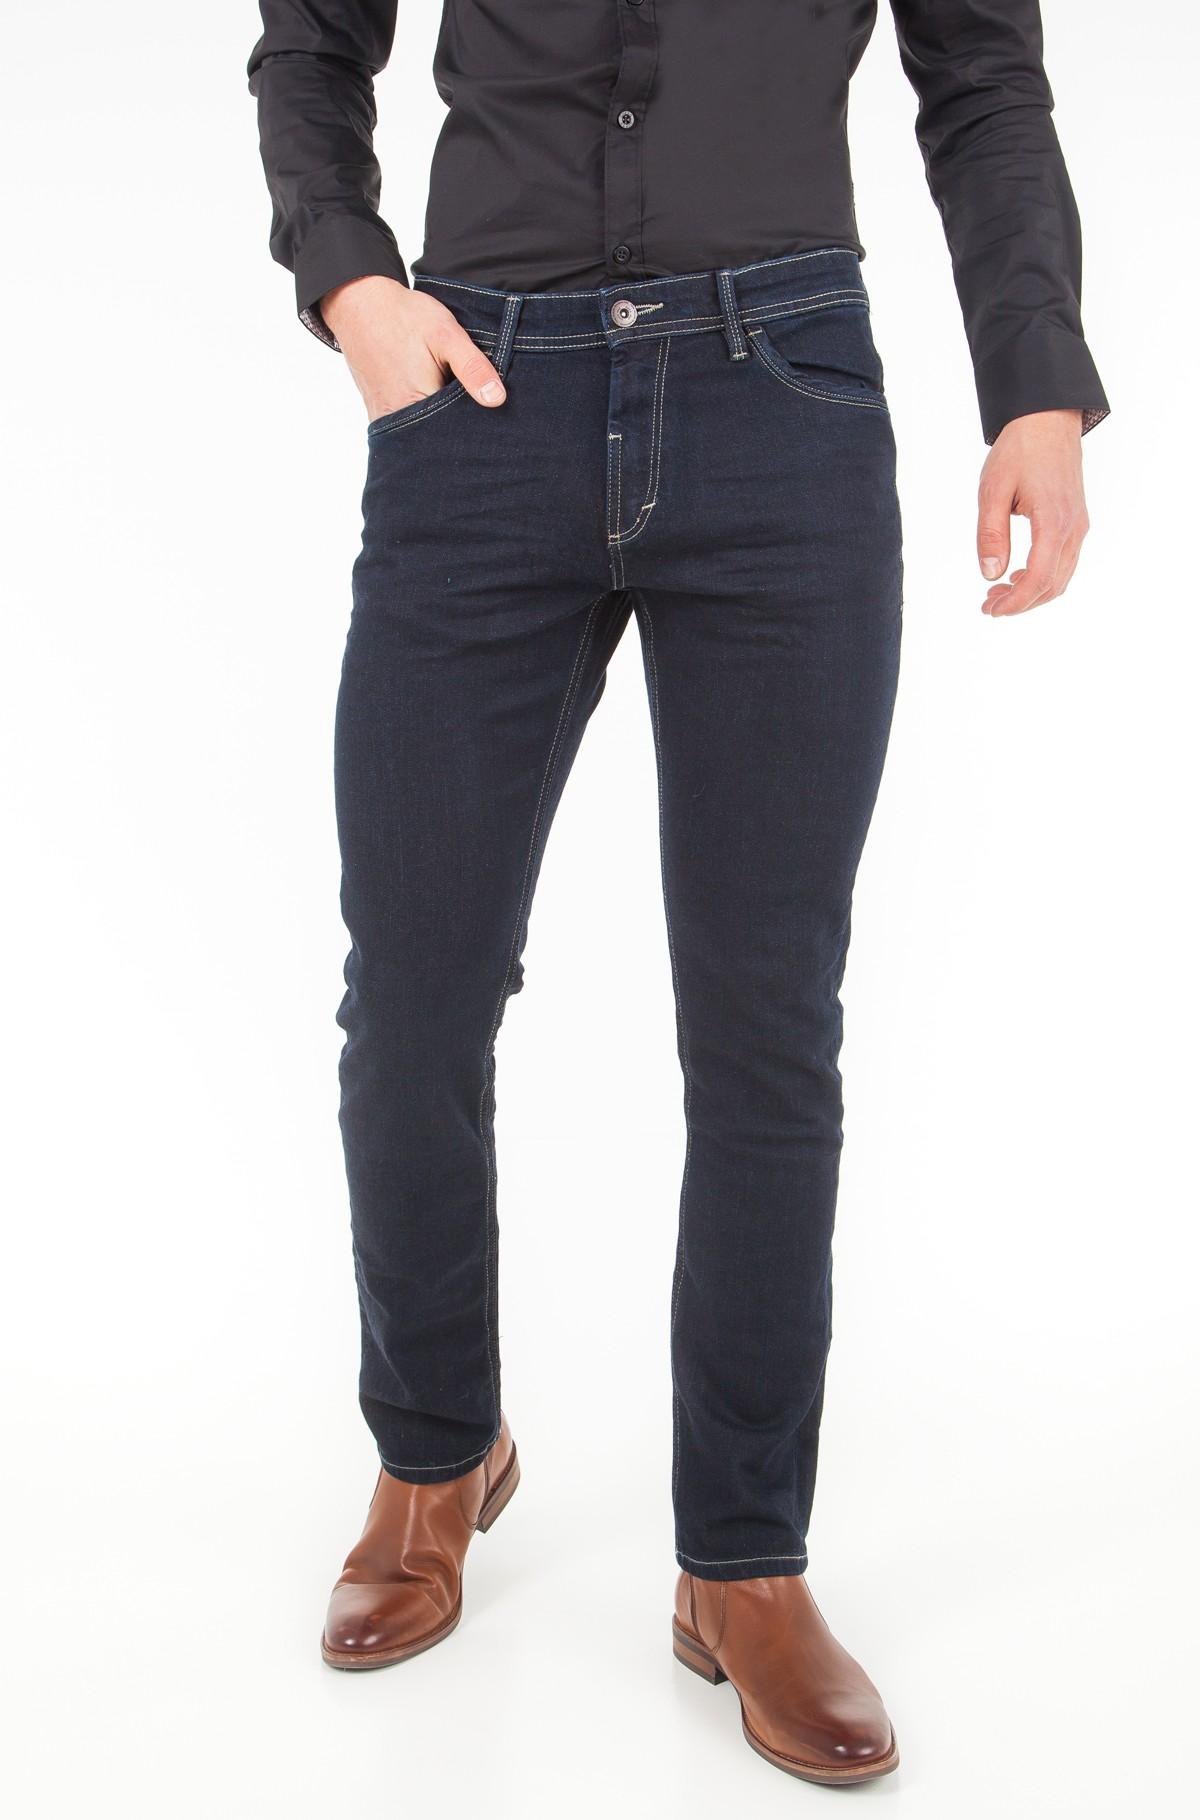 Jeans 6255094.09.10-full-1